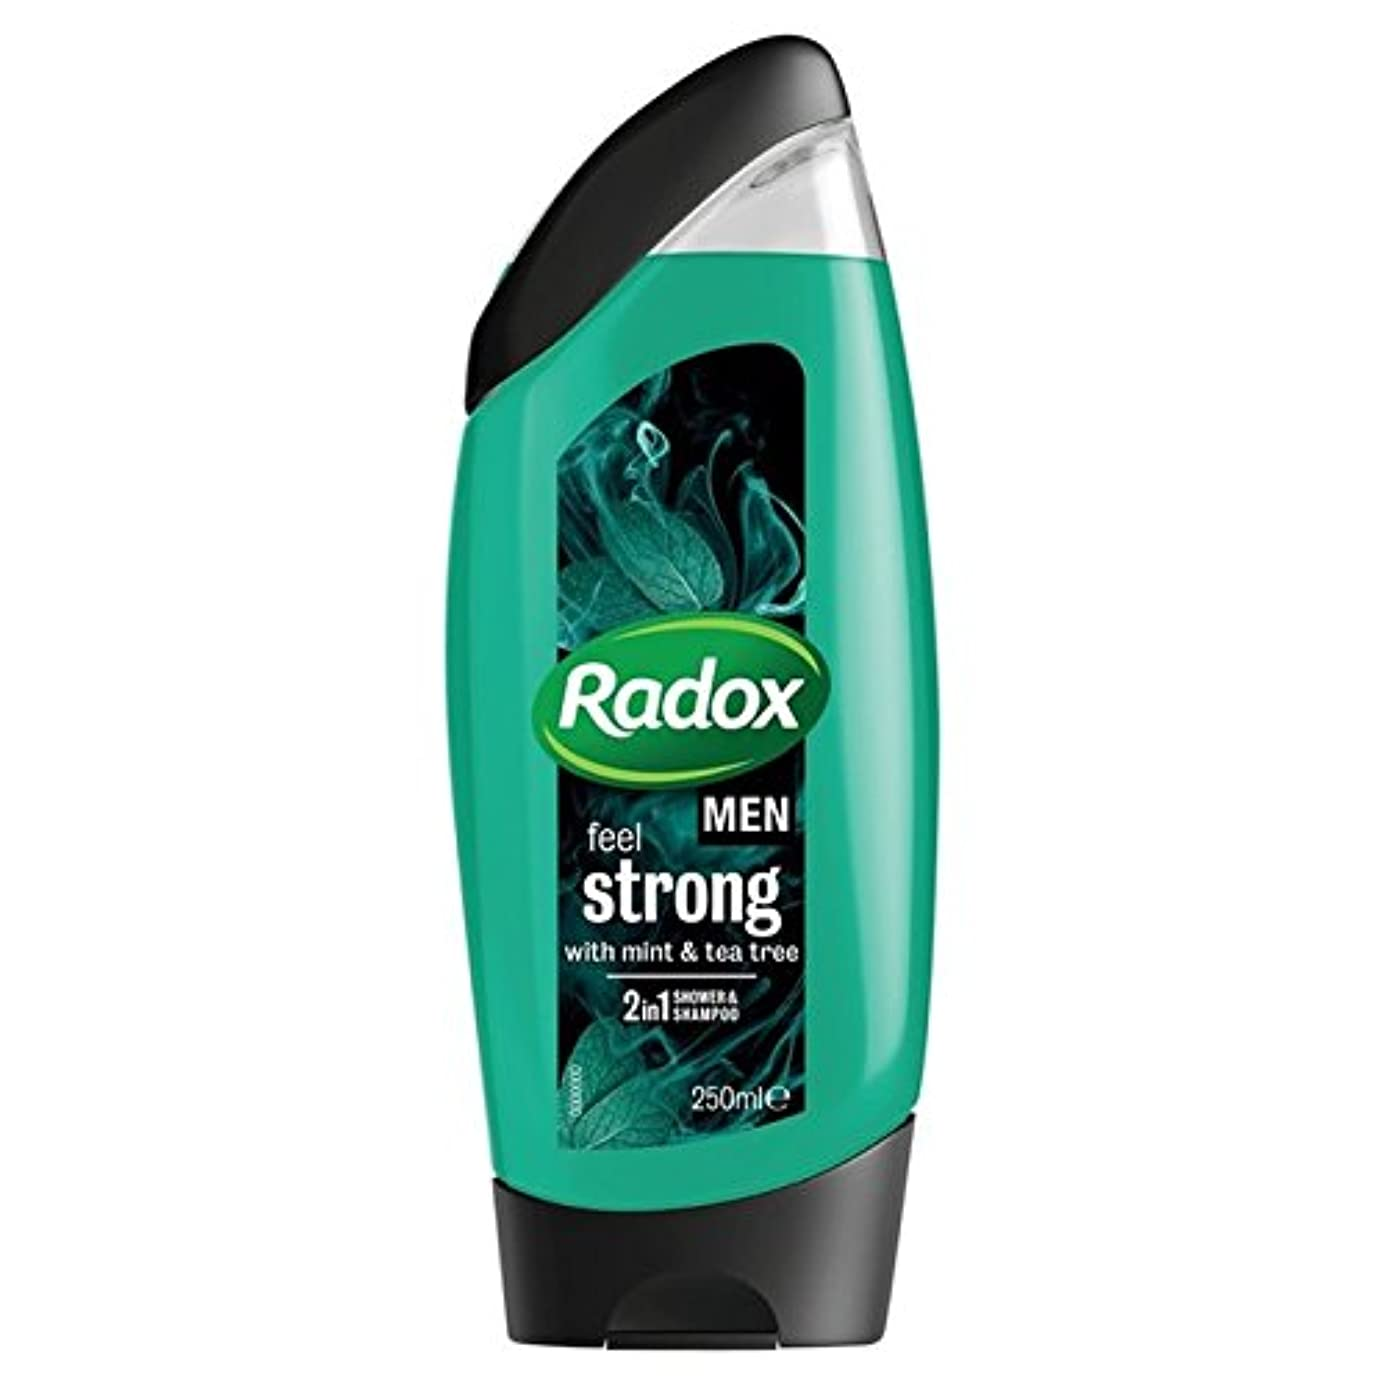 意外燃やす選択する男性は、強力なミント&ティーツリーの21のシャワージェル250ミリリットルを感じます x2 - Radox Men Feel Strong Mint & Tea Tree 2in1 Shower Gel 250ml (Pack...